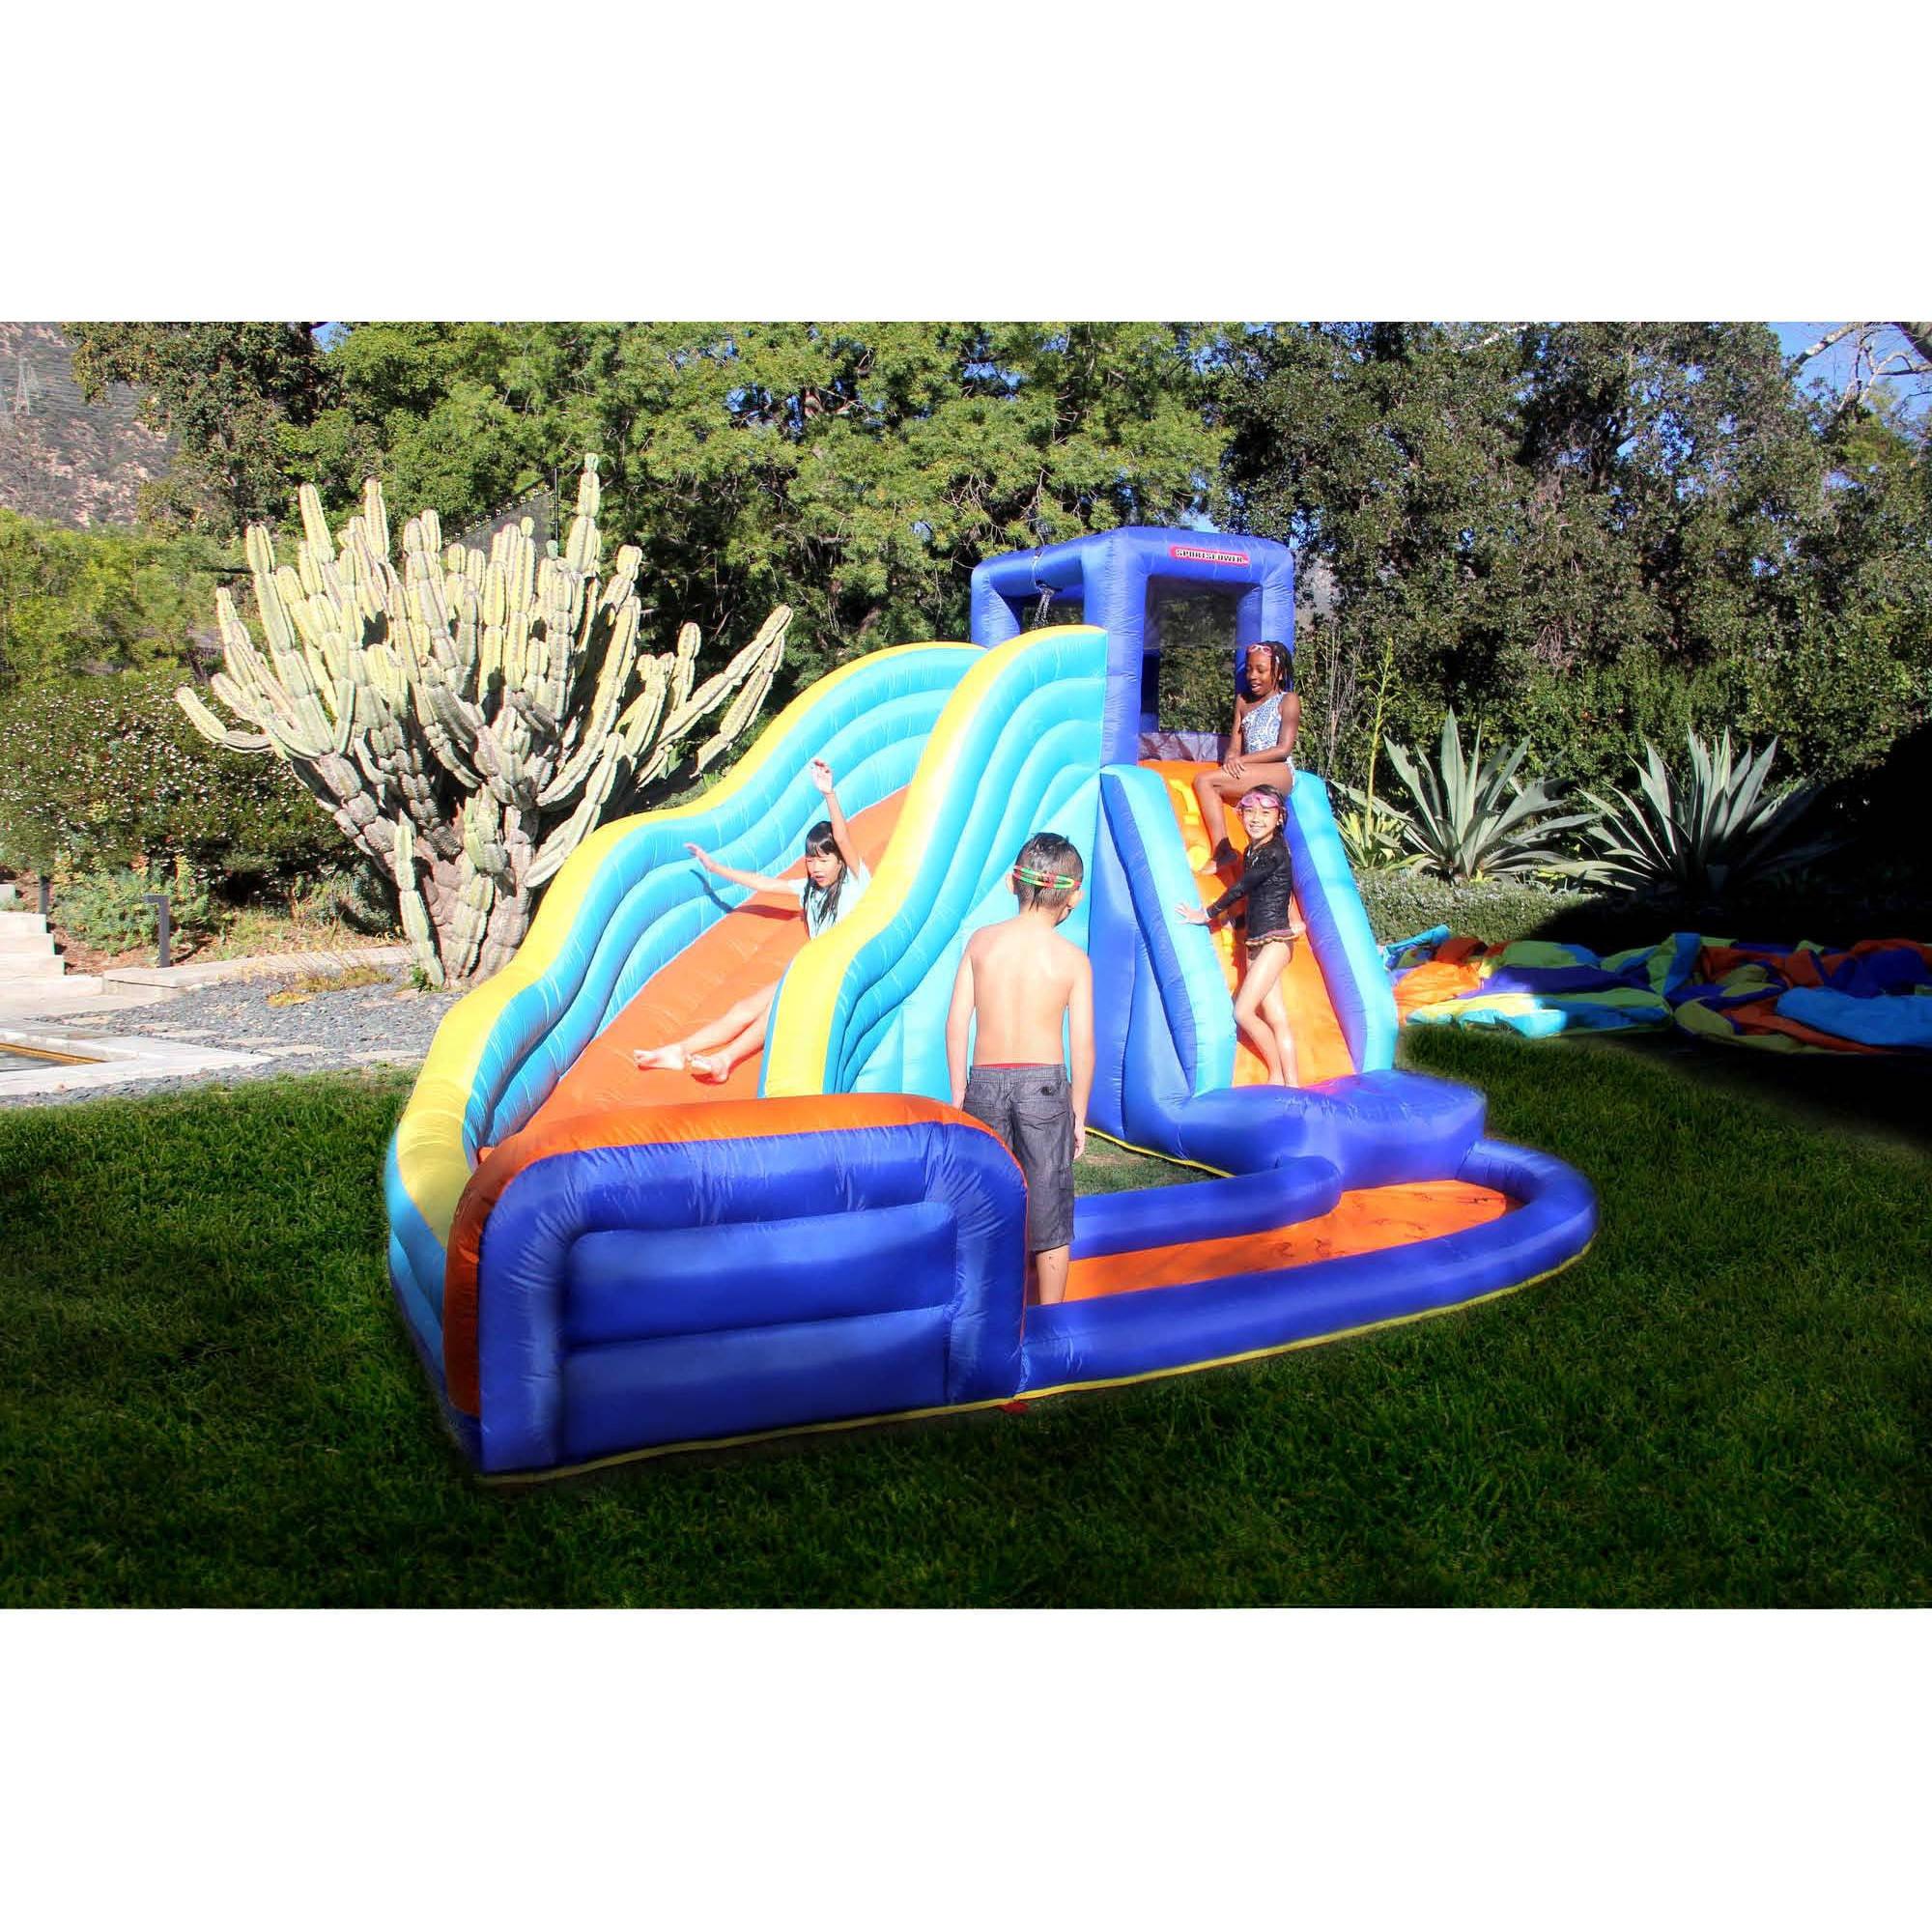 Water Slide Backyard Inflatable Waterslide Park Biggest